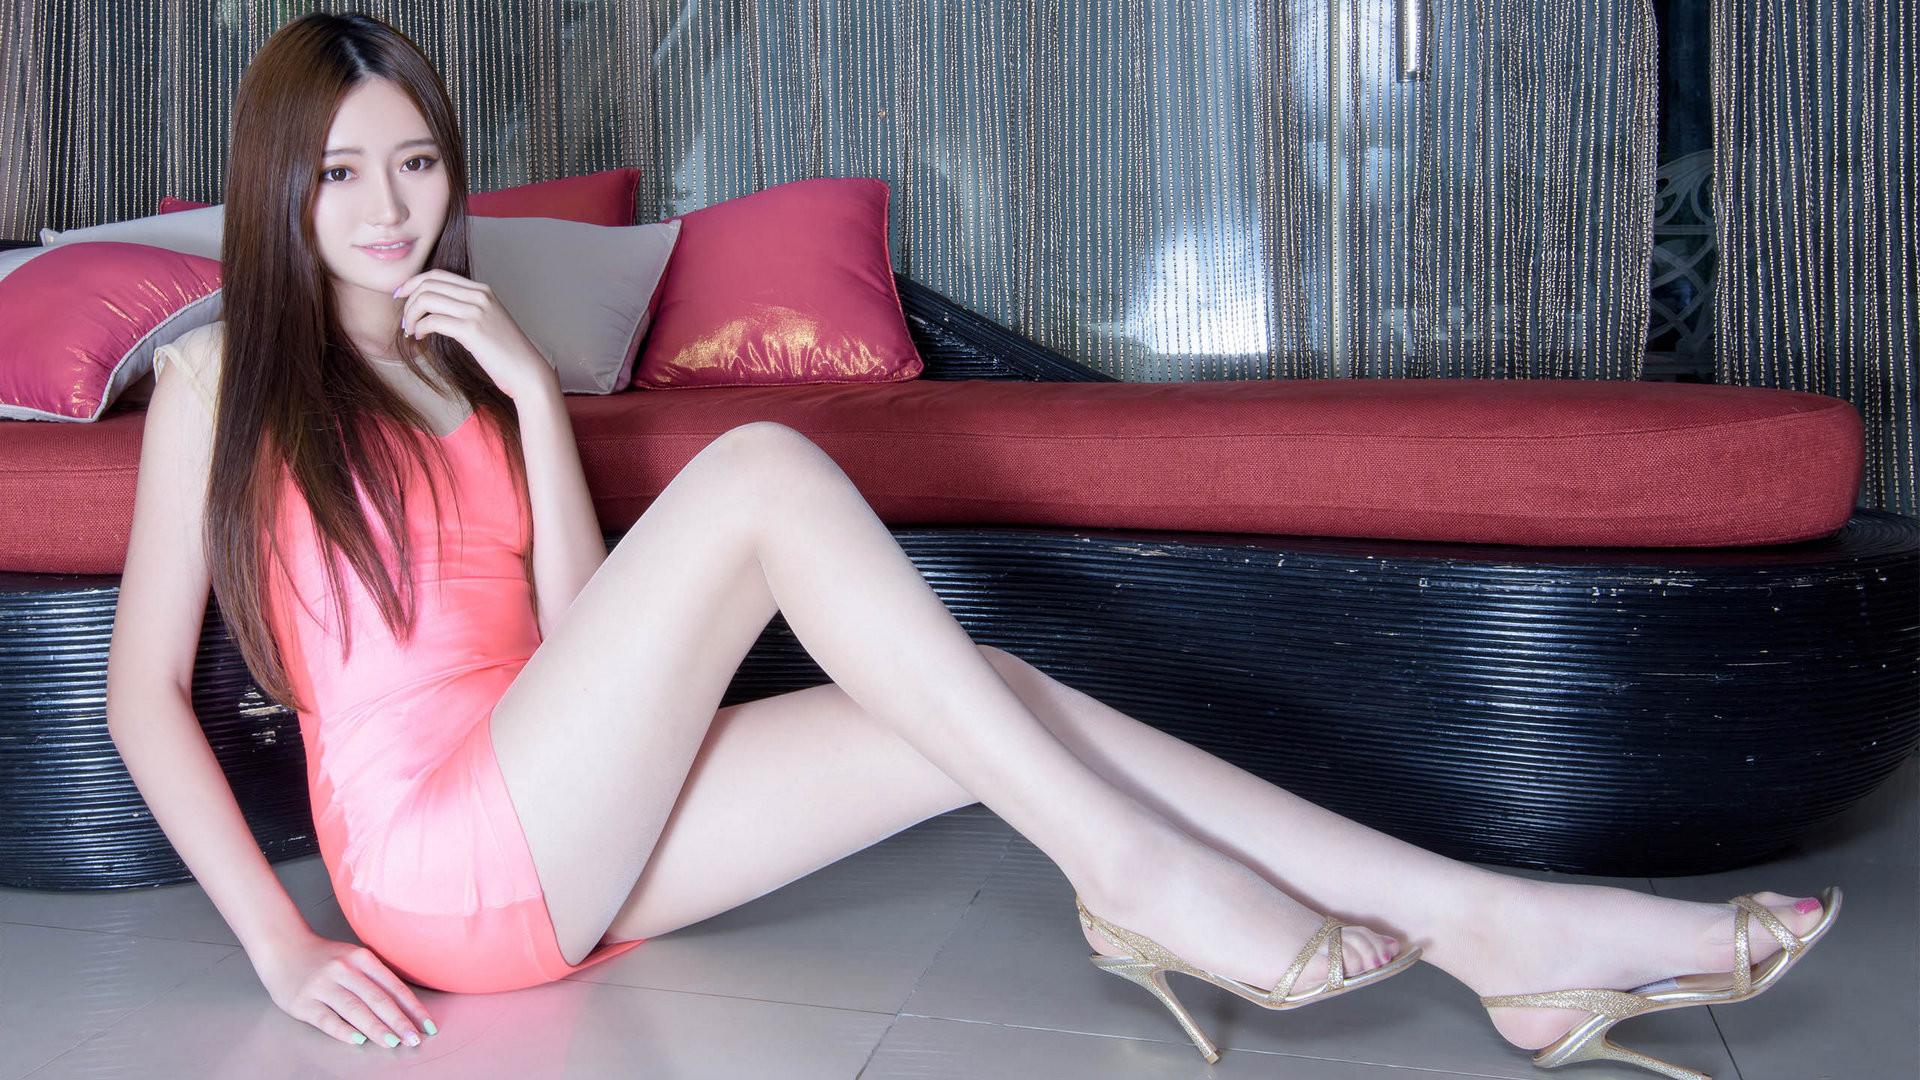 美女丝袜被�_性感美女美腿丝袜翘臀诱惑私房照